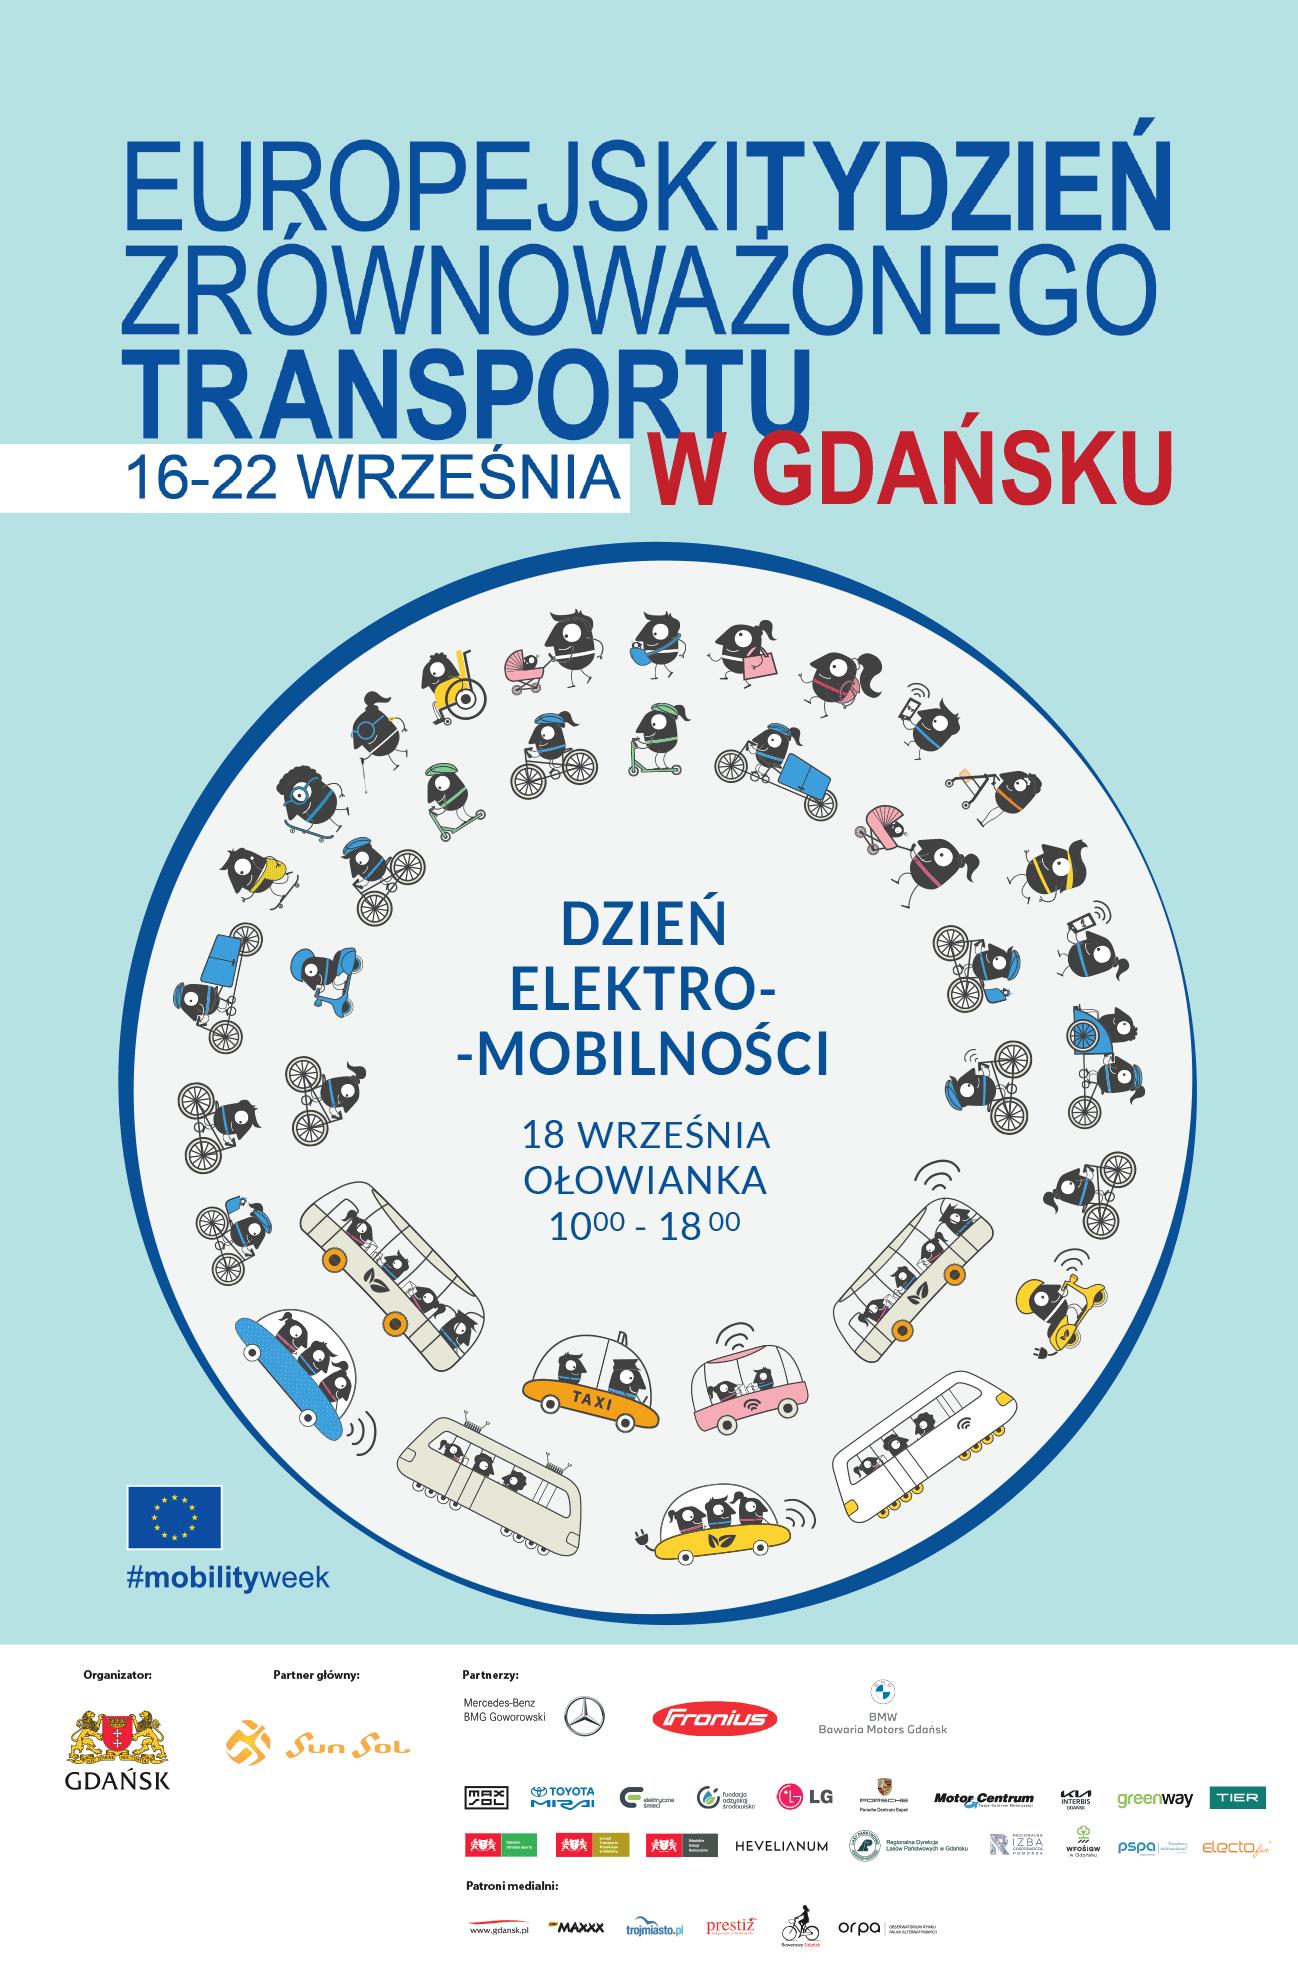 Plakat promujący Europejski Tydzień Zrównoważonego transportu